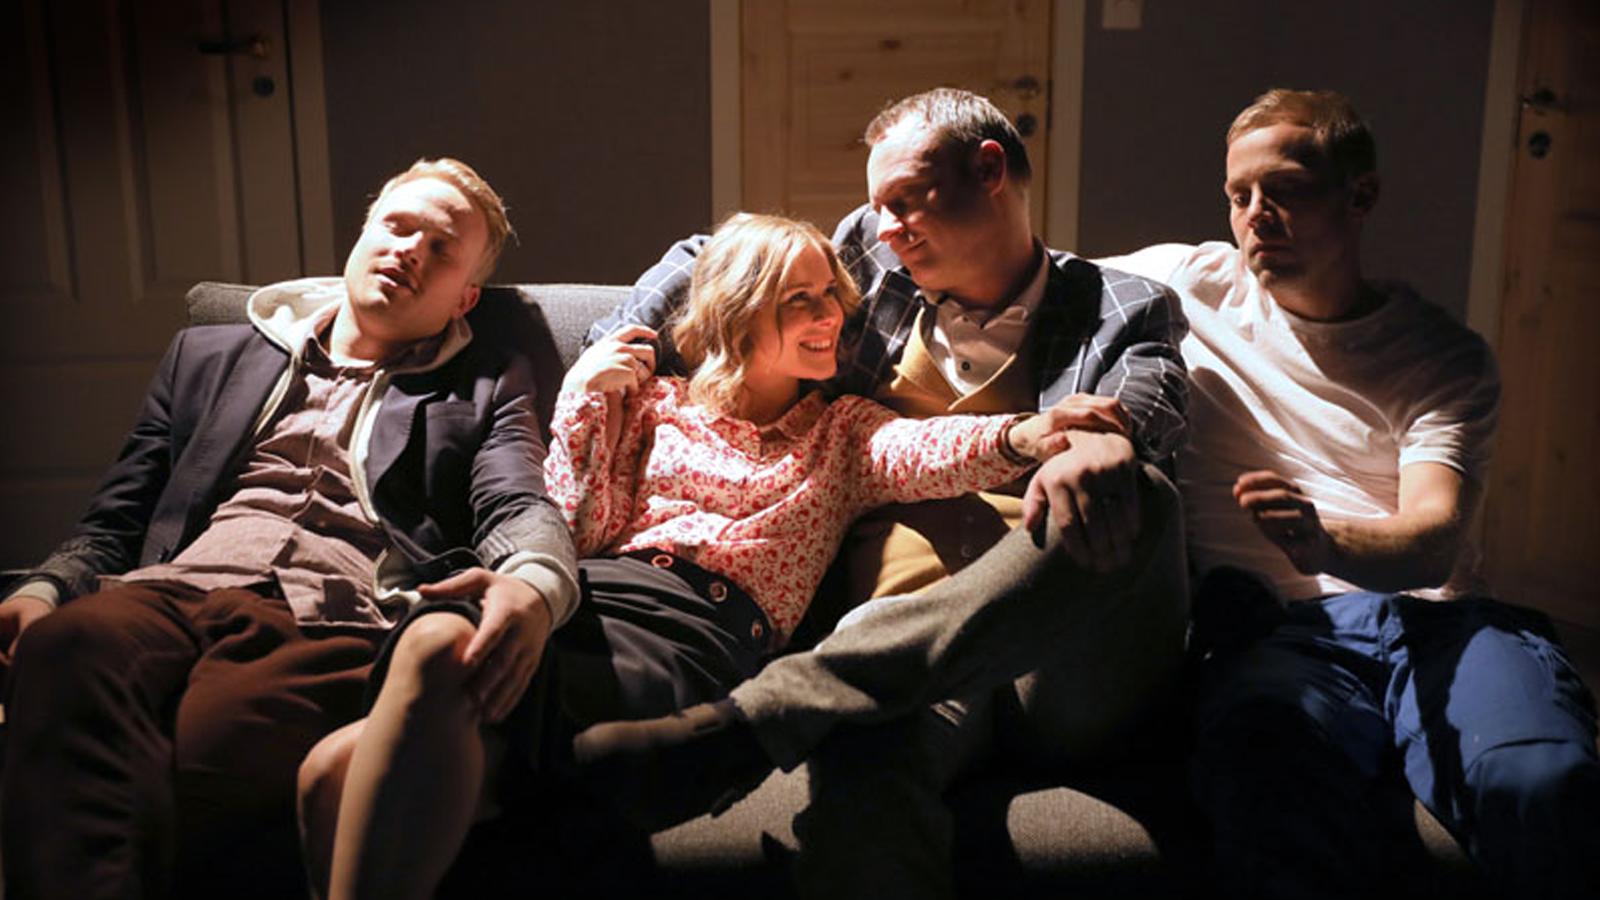 Teateranmeldelse: «Sidespringerne»